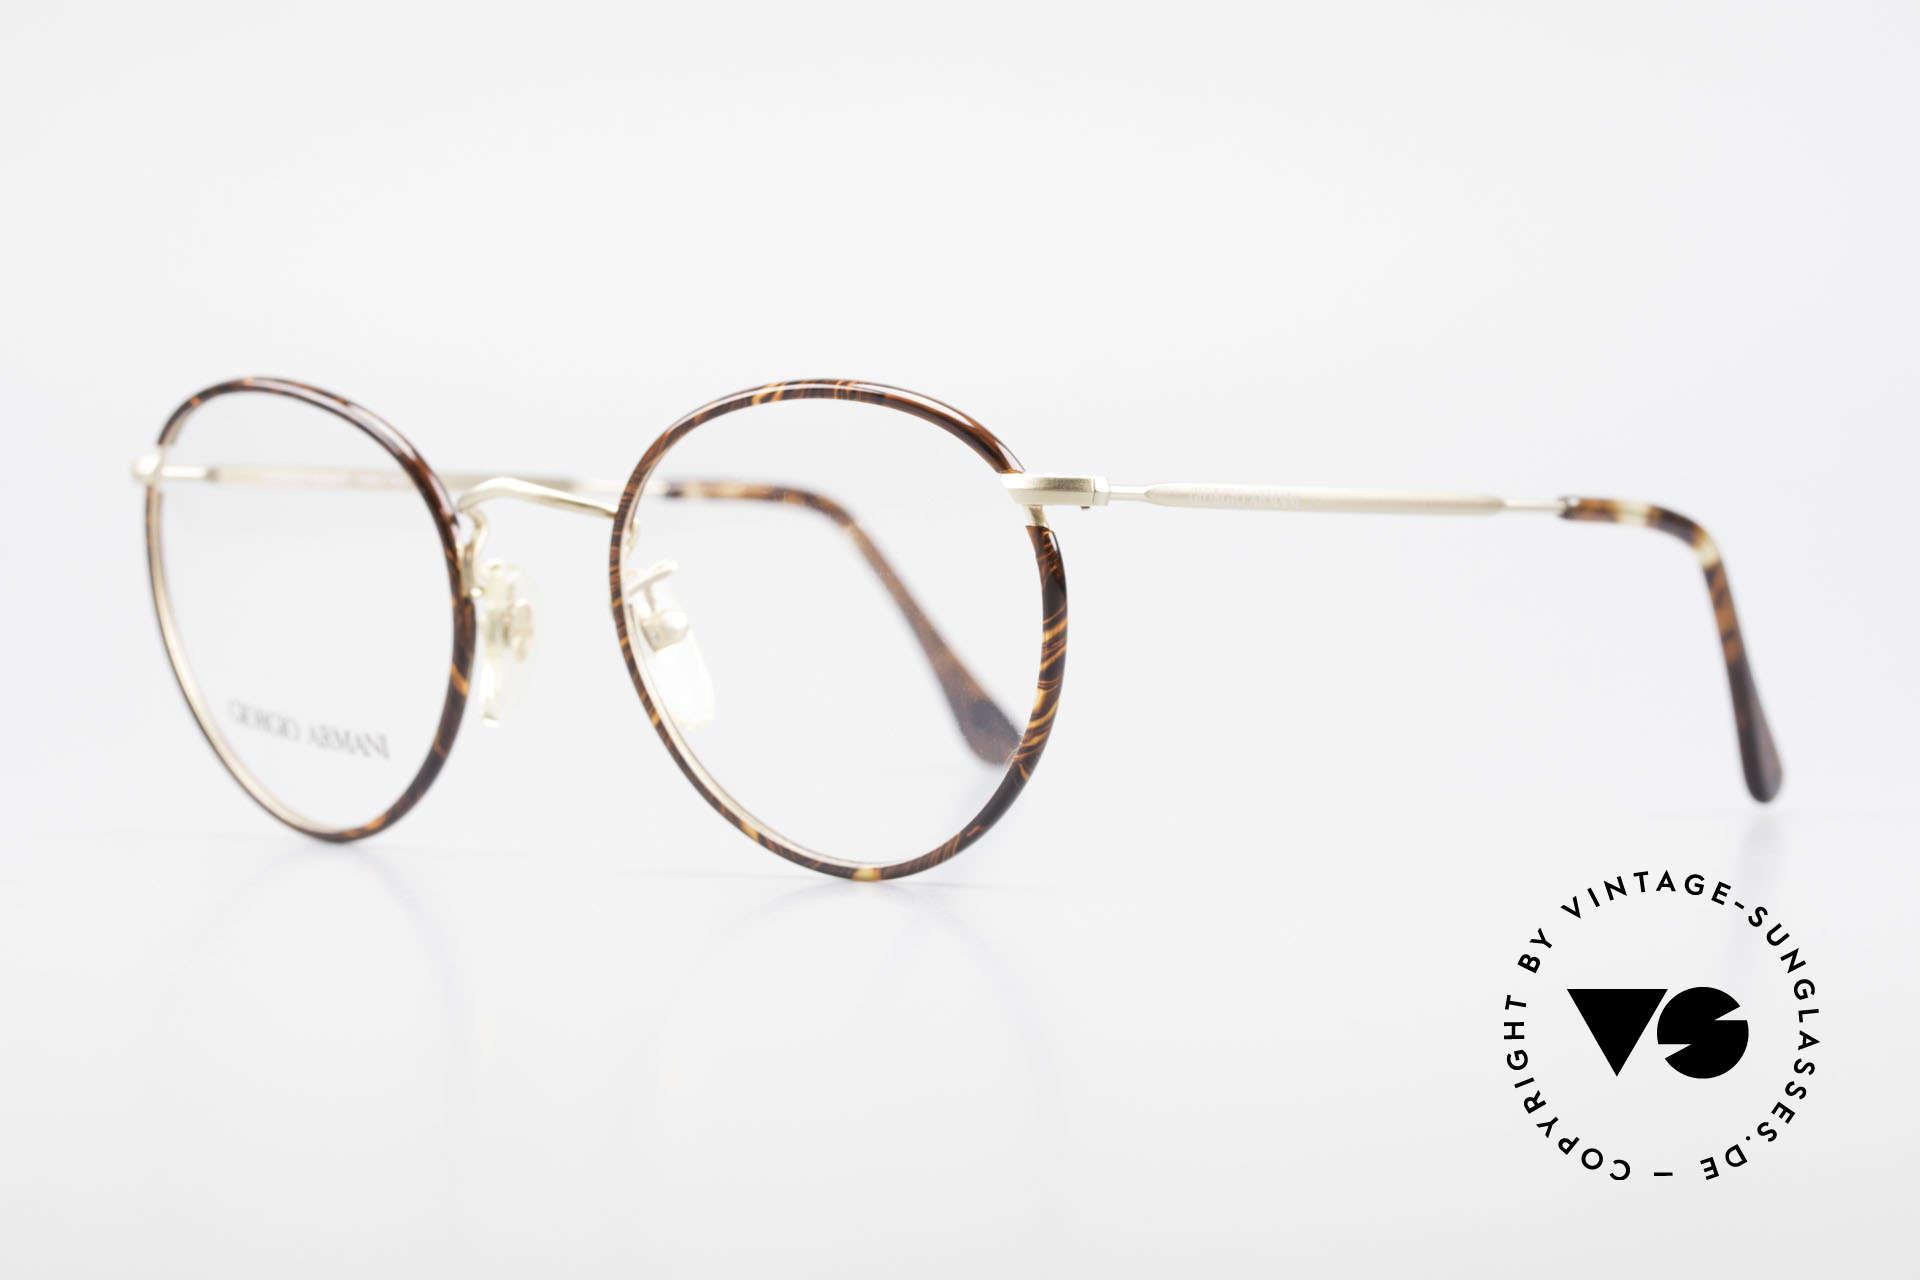 Giorgio Armani 112 90er Panto Fassung Herren, wahre 'Gentlemen-Brille' in fühlbarer TOP-Qualität, Passend für Herren